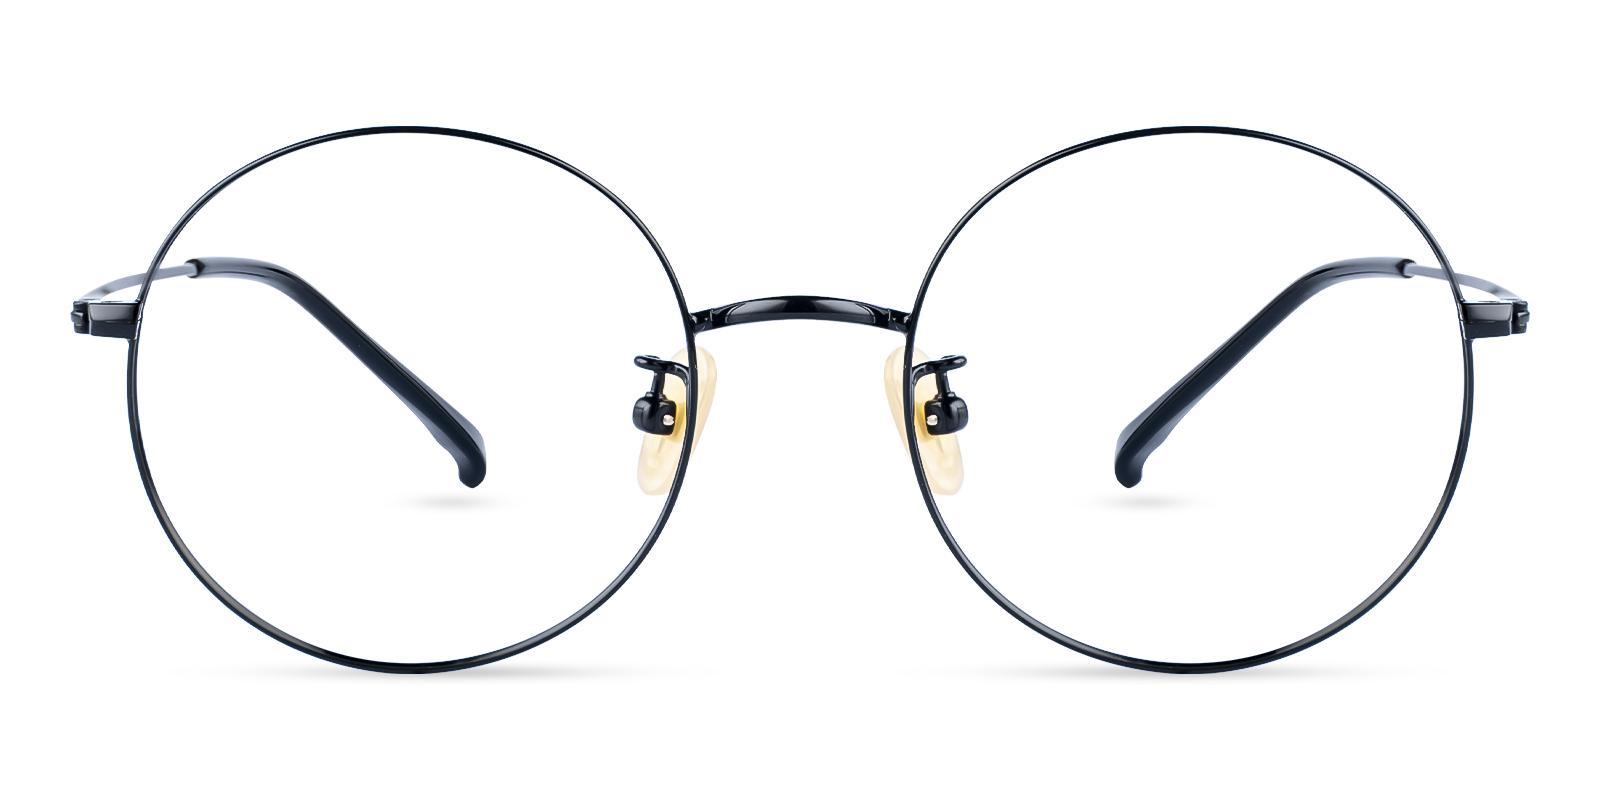 Zoe Black Titanium Eyeglasses , Lightweight , NosePads Frames from ABBE Glasses